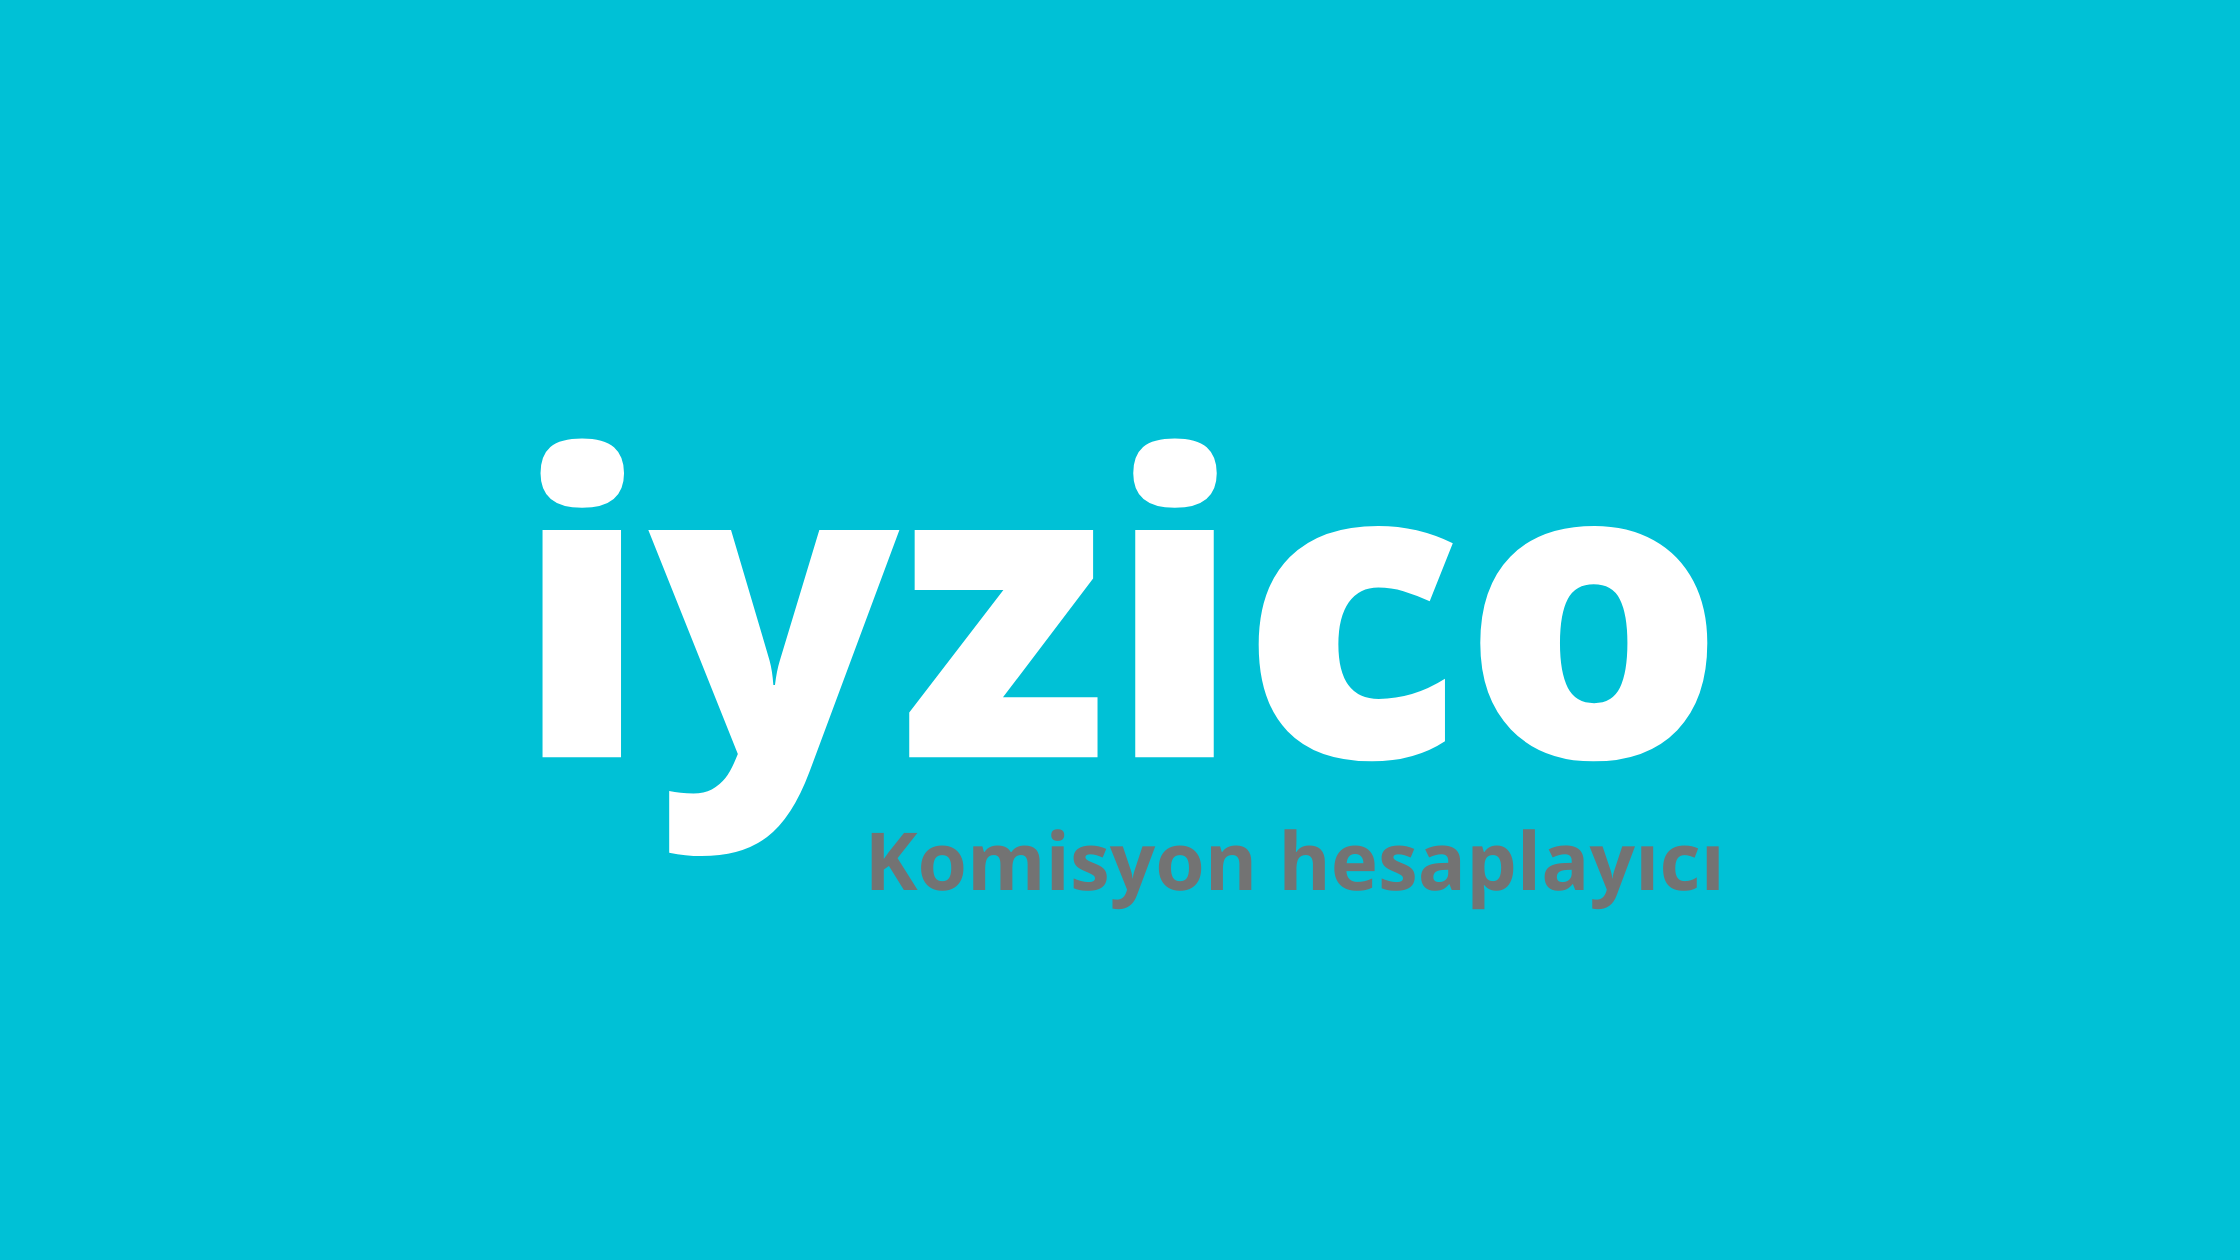 Ücretsiz iyziCo Komisyon Hesaplayıcı